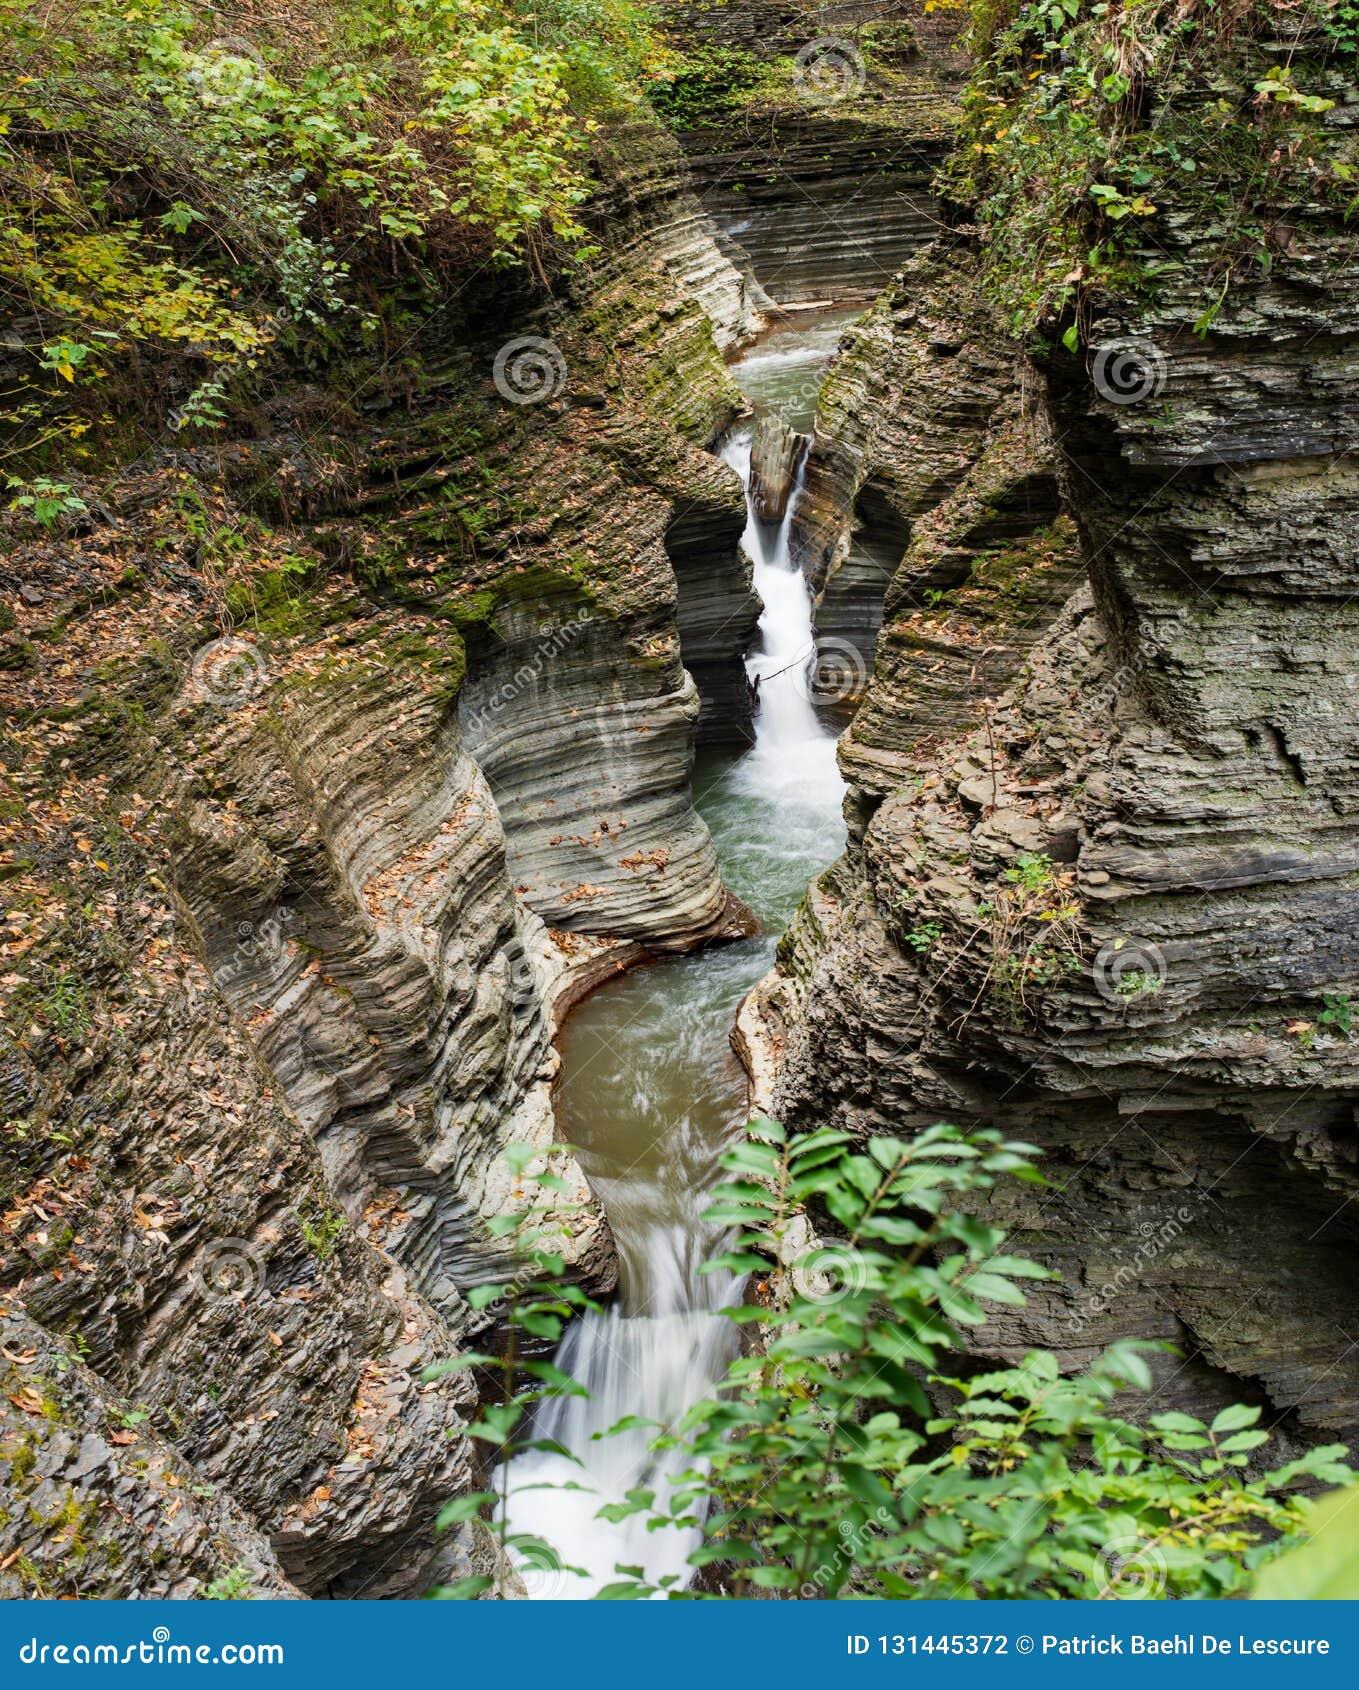 Waterfall cascading over Glen Gorge in Watkins Glen